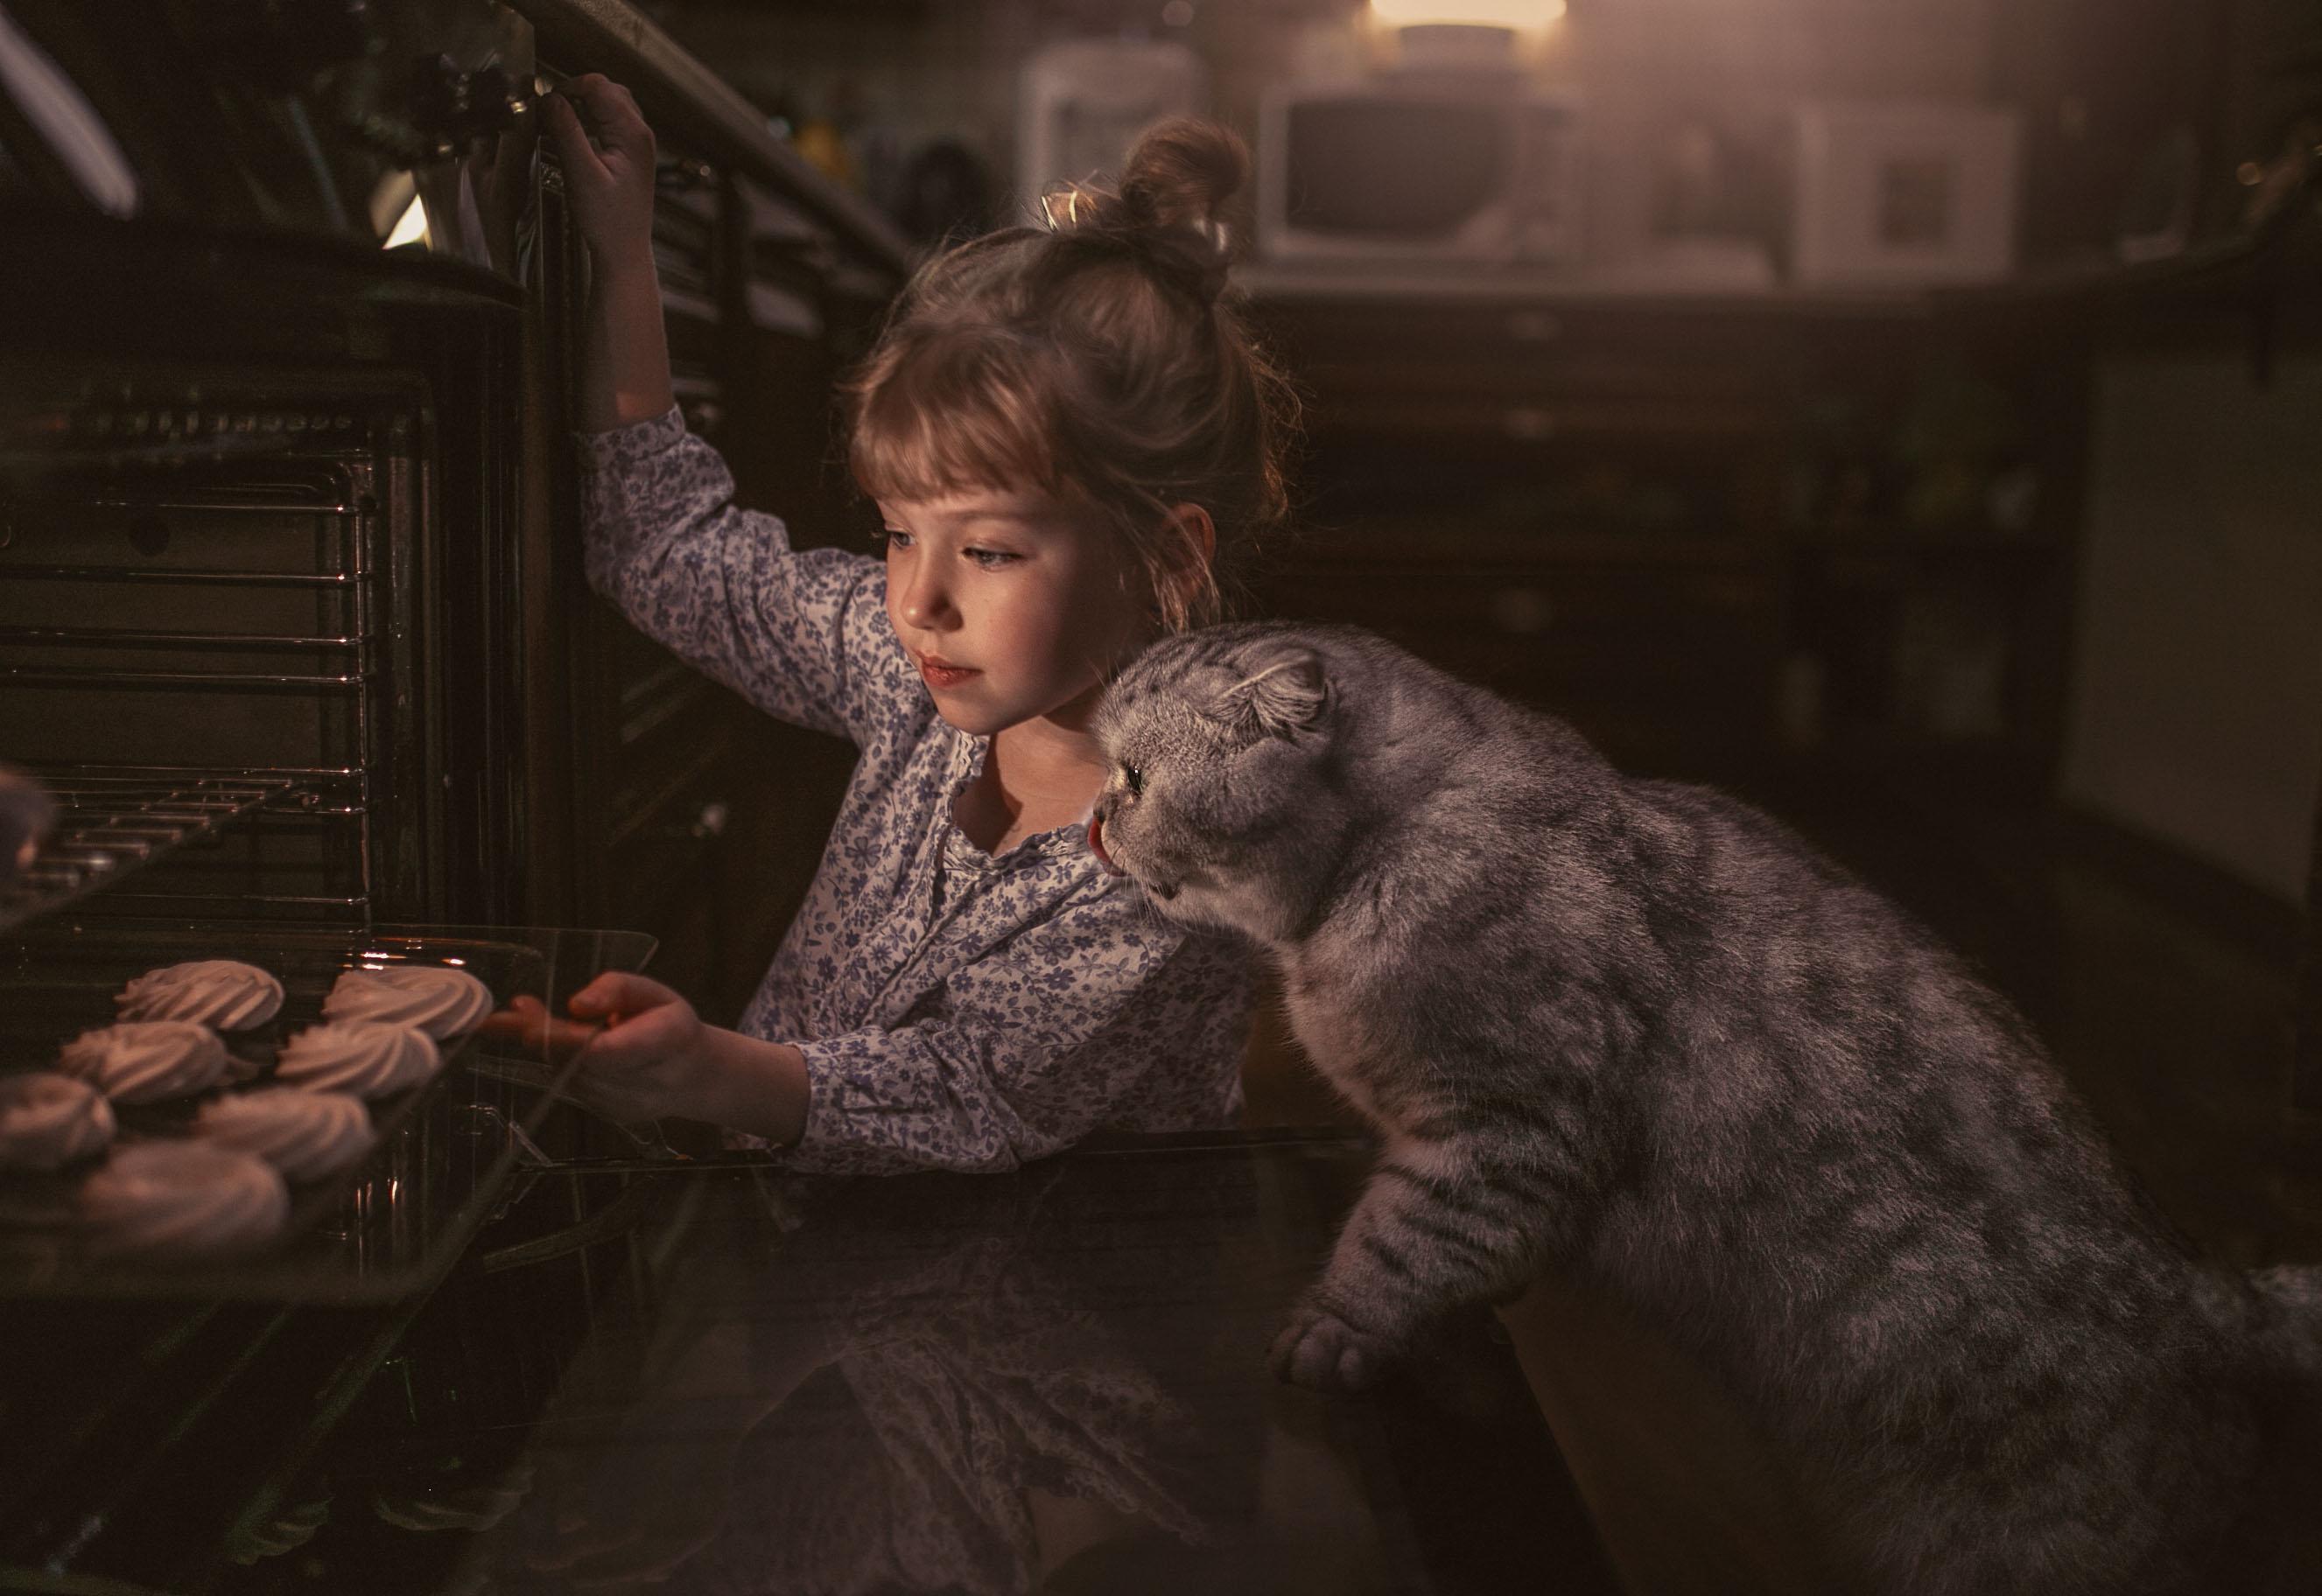 девочка Лиза и кот / фотограф Еленчук Марина